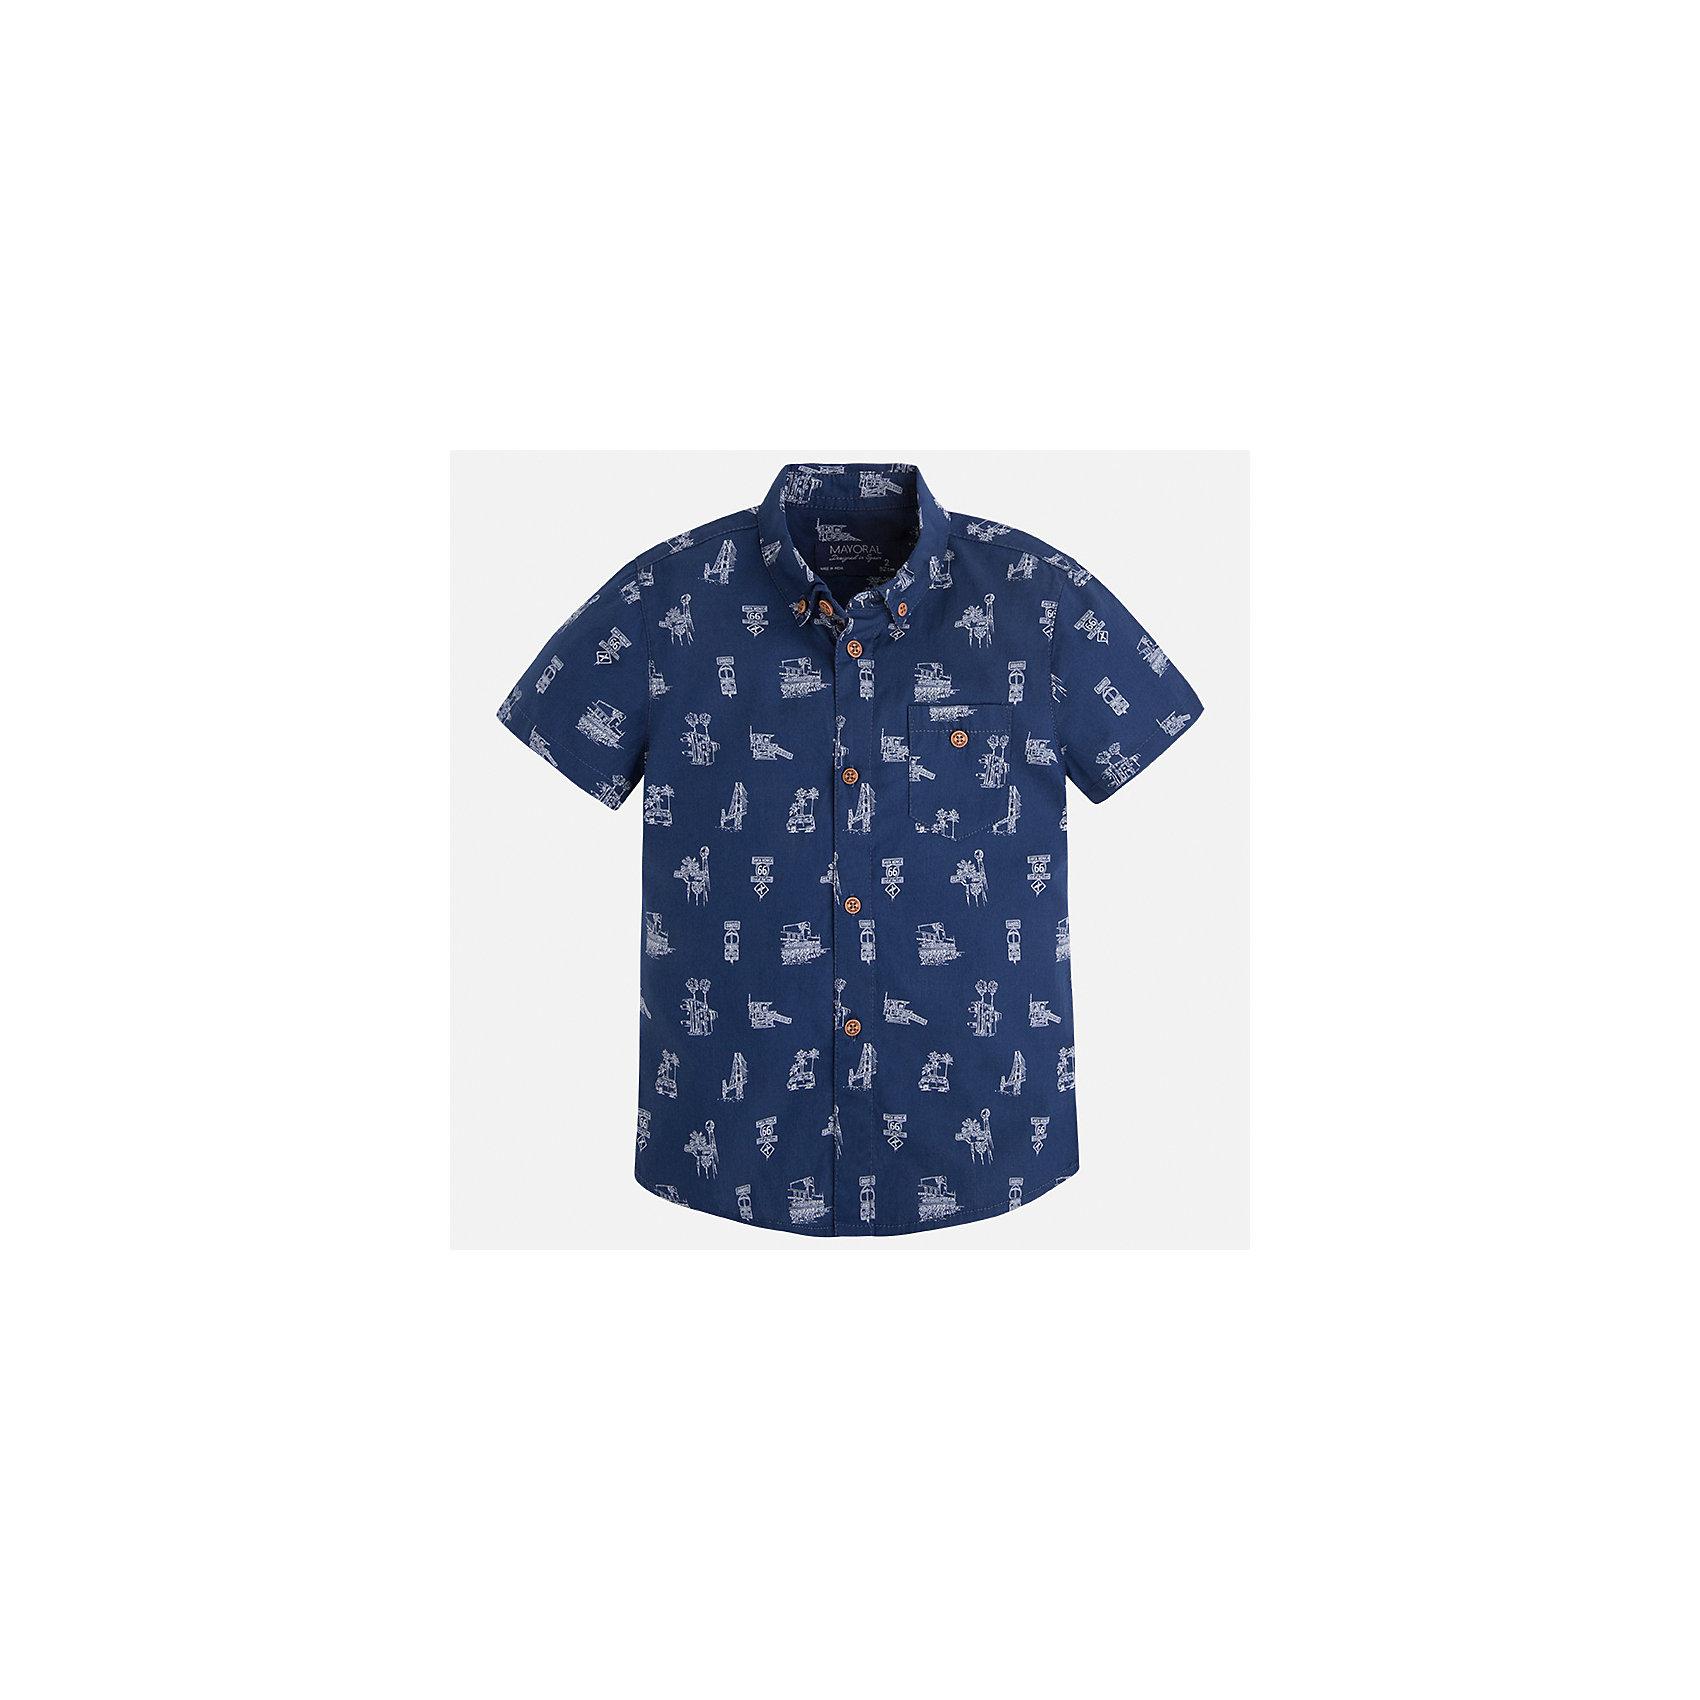 Рубашка для мальчика MayoralБлузки и рубашки<br>Характеристики товара:<br><br>• цвет: синий<br>• состав: 100% хлопок<br>• отложной воротник<br>• короткие рукава<br>• застежка: пуговицы<br>• карман на груди<br>• страна бренда: Испания<br><br>Стильная рубашка для мальчика может стать базовой вещью в гардеробе ребенка. Она отлично сочетается с брюками, шортами, джинсами и т.д. Универсальный крой и цвет позволяет подобрать к вещи низ разных расцветок. Практичное и стильное изделие! В составе материала - только натуральный хлопок, гипоаллергенный, приятный на ощупь, дышащий.<br><br>Одежда, обувь и аксессуары от испанского бренда Mayoral полюбились детям и взрослым по всему миру. Модели этой марки - стильные и удобные. Для их производства используются только безопасные, качественные материалы и фурнитура. Порадуйте ребенка модными и красивыми вещами от Mayoral! <br><br>Рубашку для мальчика от испанского бренда Mayoral (Майорал) можно купить в нашем интернет-магазине.<br><br>Ширина мм: 174<br>Глубина мм: 10<br>Высота мм: 169<br>Вес г: 157<br>Цвет: синий<br>Возраст от месяцев: 96<br>Возраст до месяцев: 108<br>Пол: Мужской<br>Возраст: Детский<br>Размер: 134,122,116,98,92,128,104,110<br>SKU: 5272342